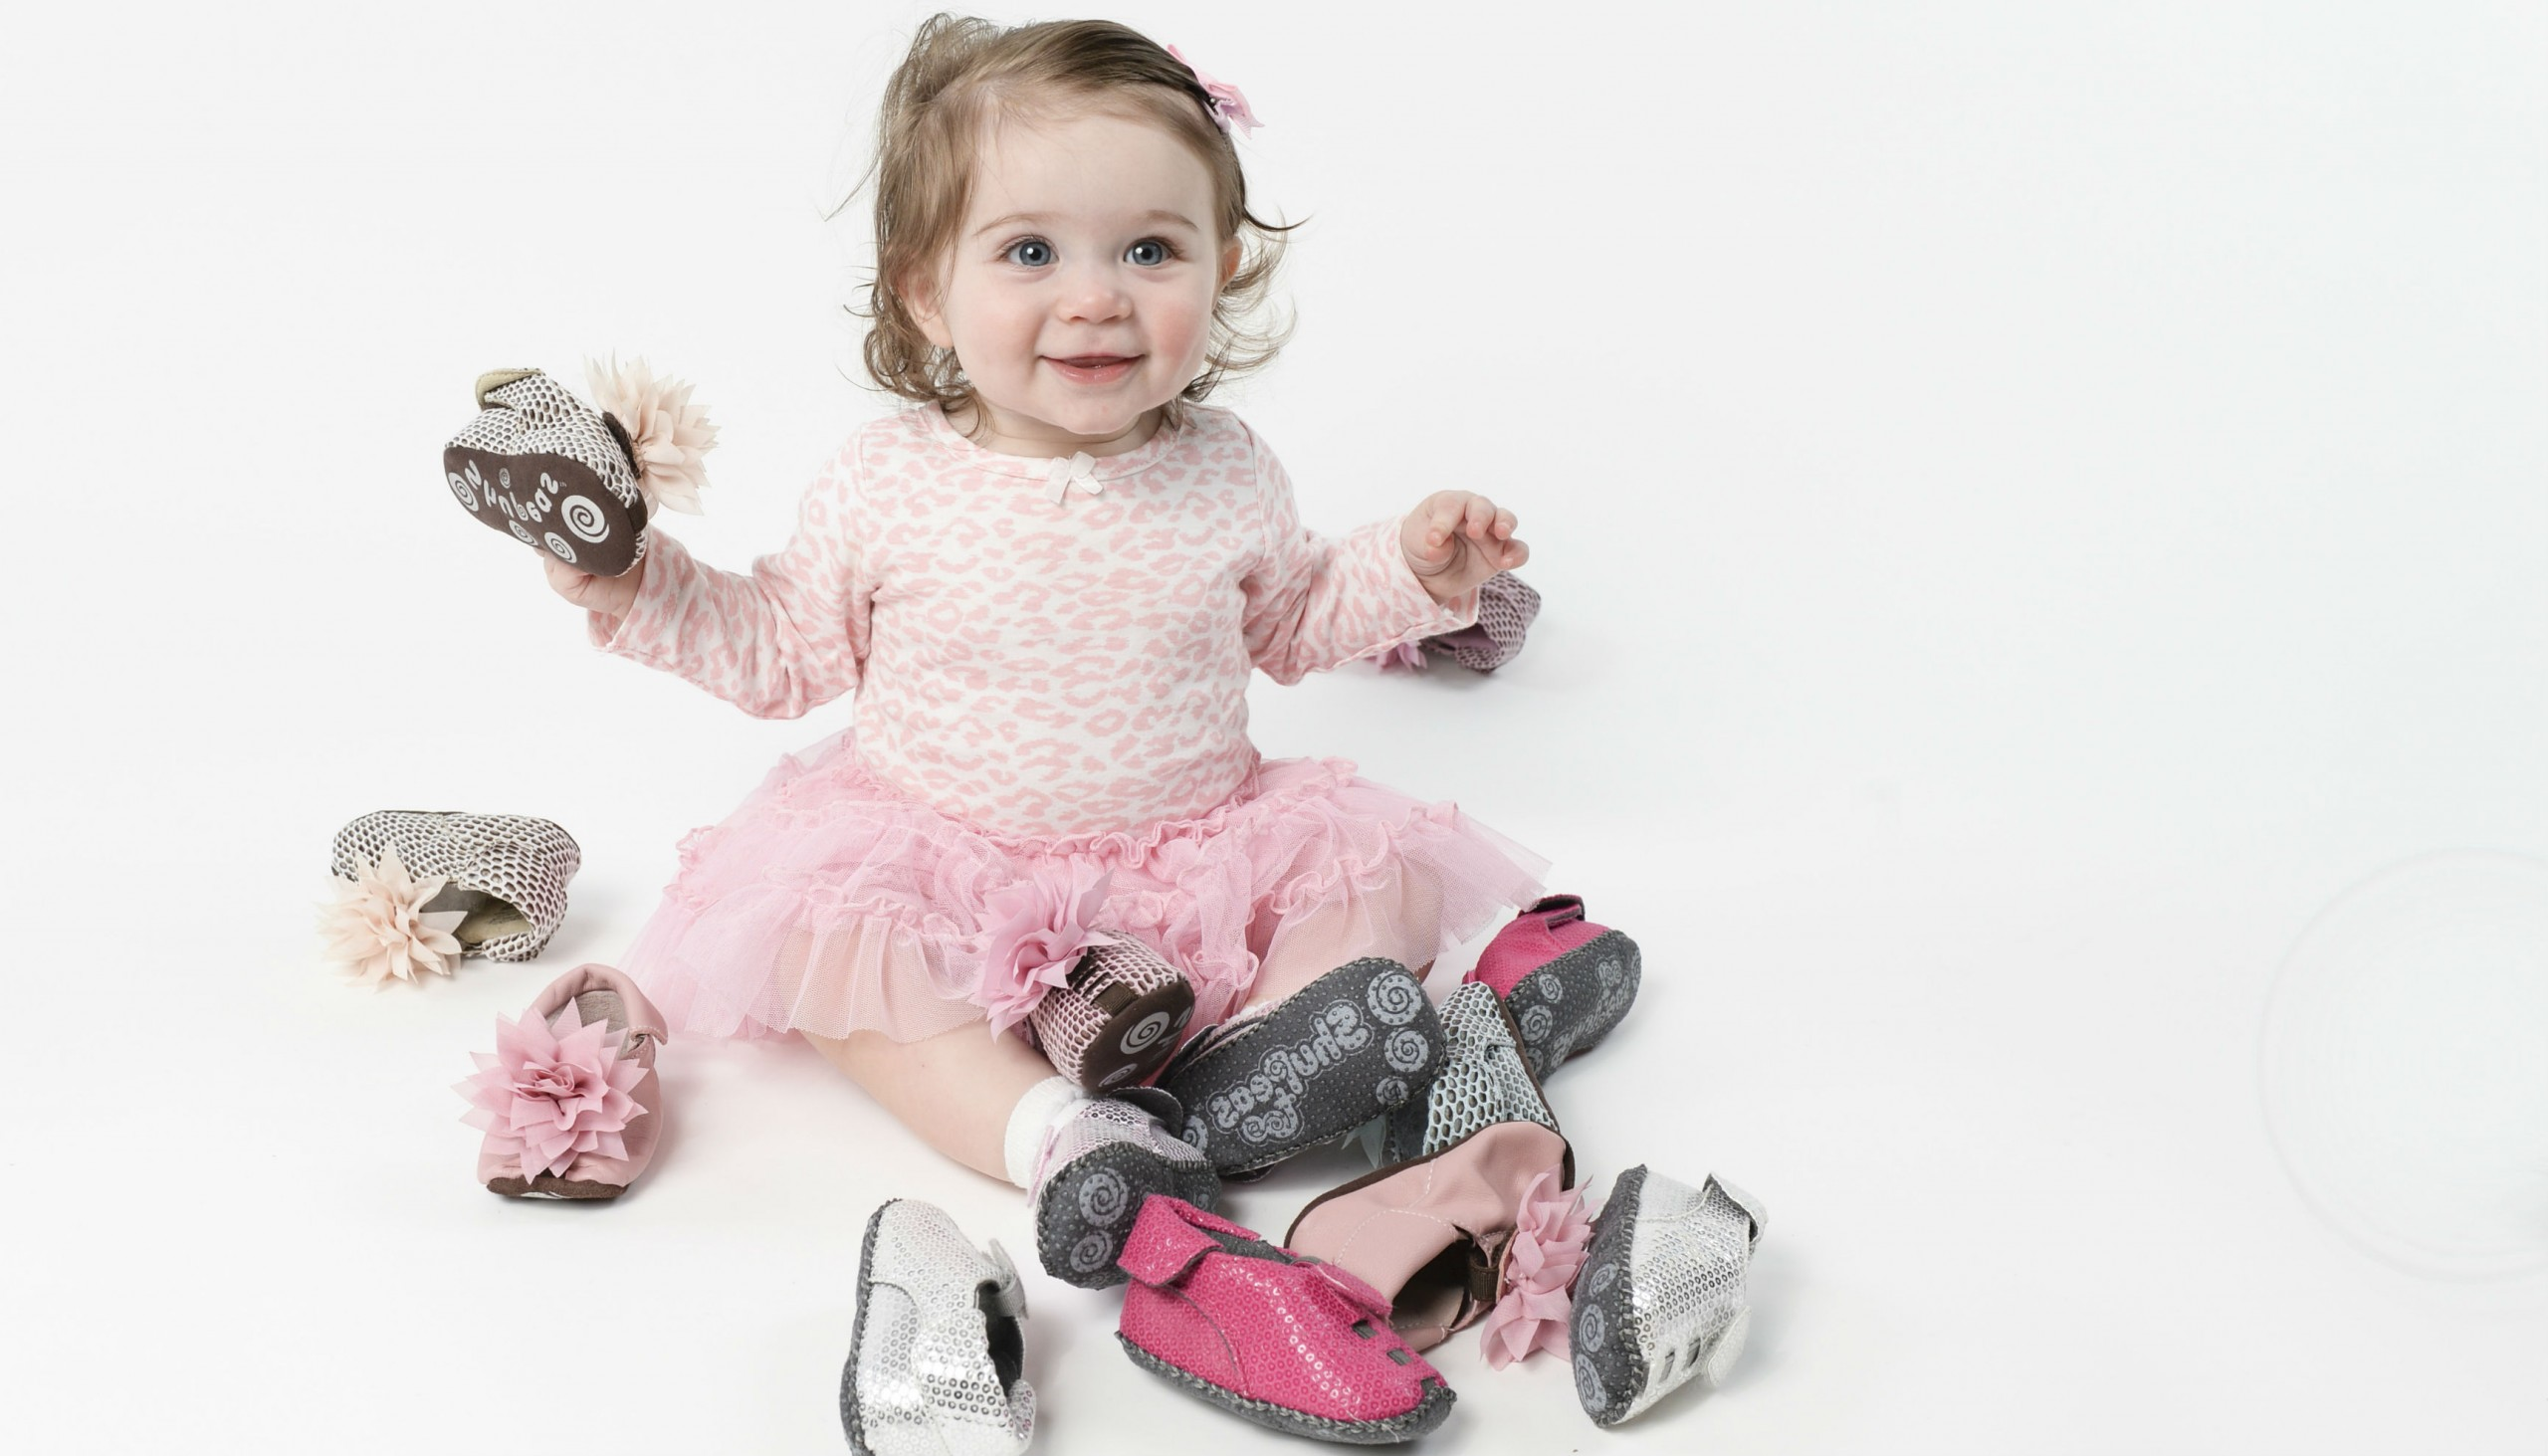 Первая обувь очень важна для здоровья детей